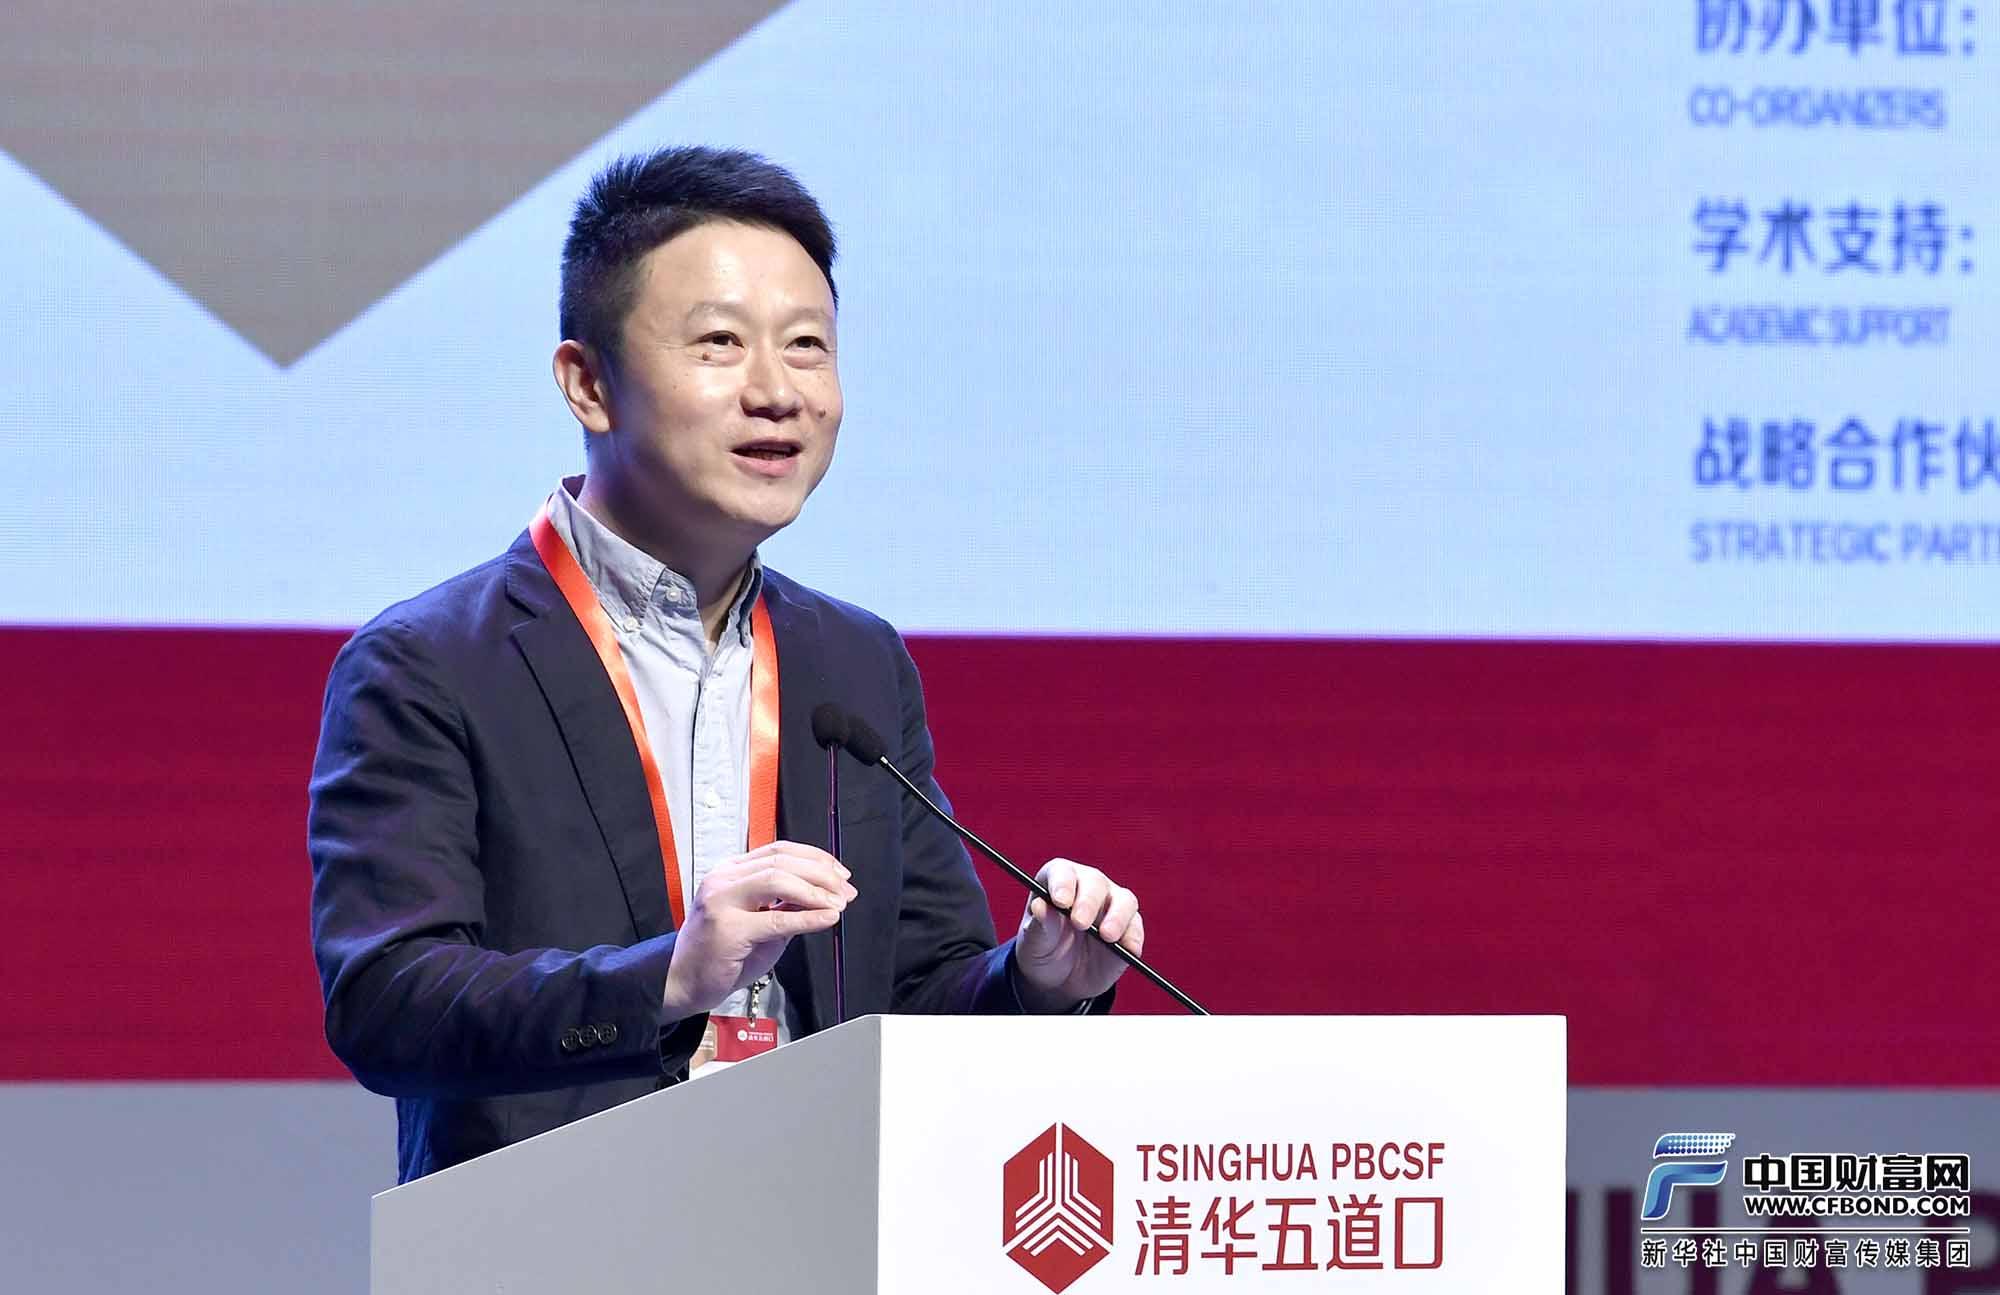 """黄浩:金融科技融合成就了""""双十一""""购物节"""